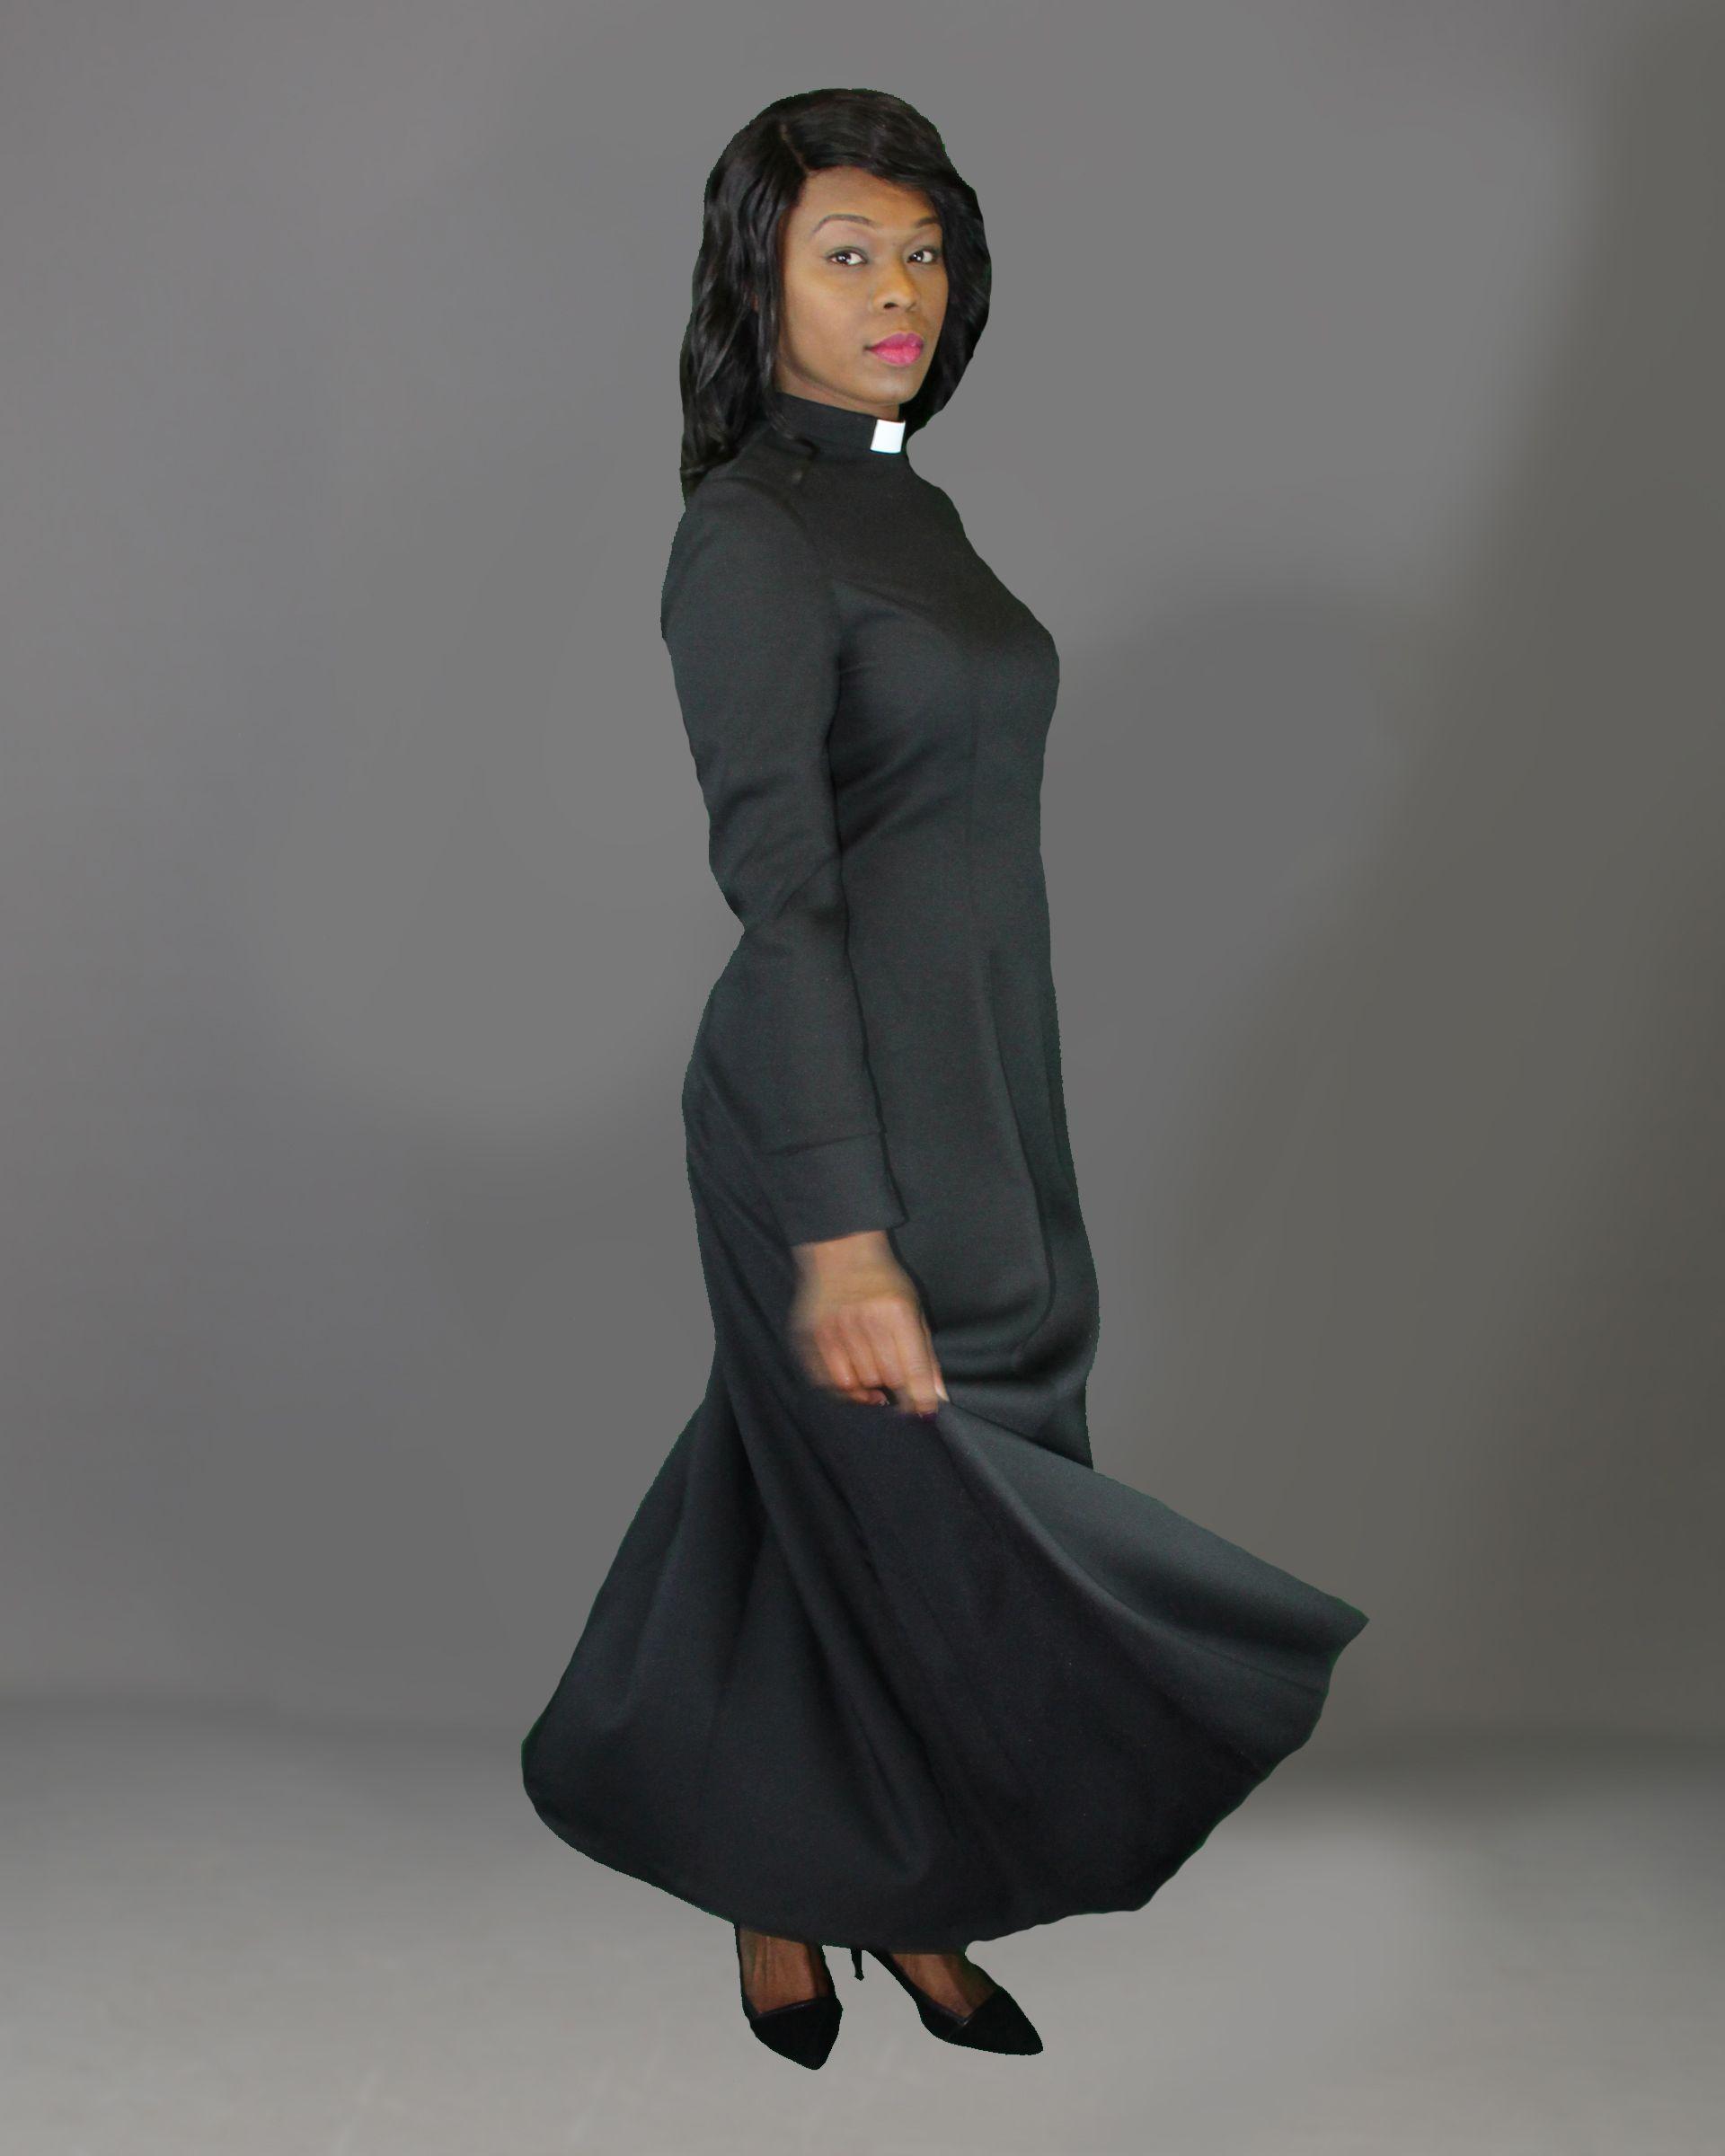 dd9778fa790c Full Length Clergy Dress Black | Fashion | Dresses, Church attire ...